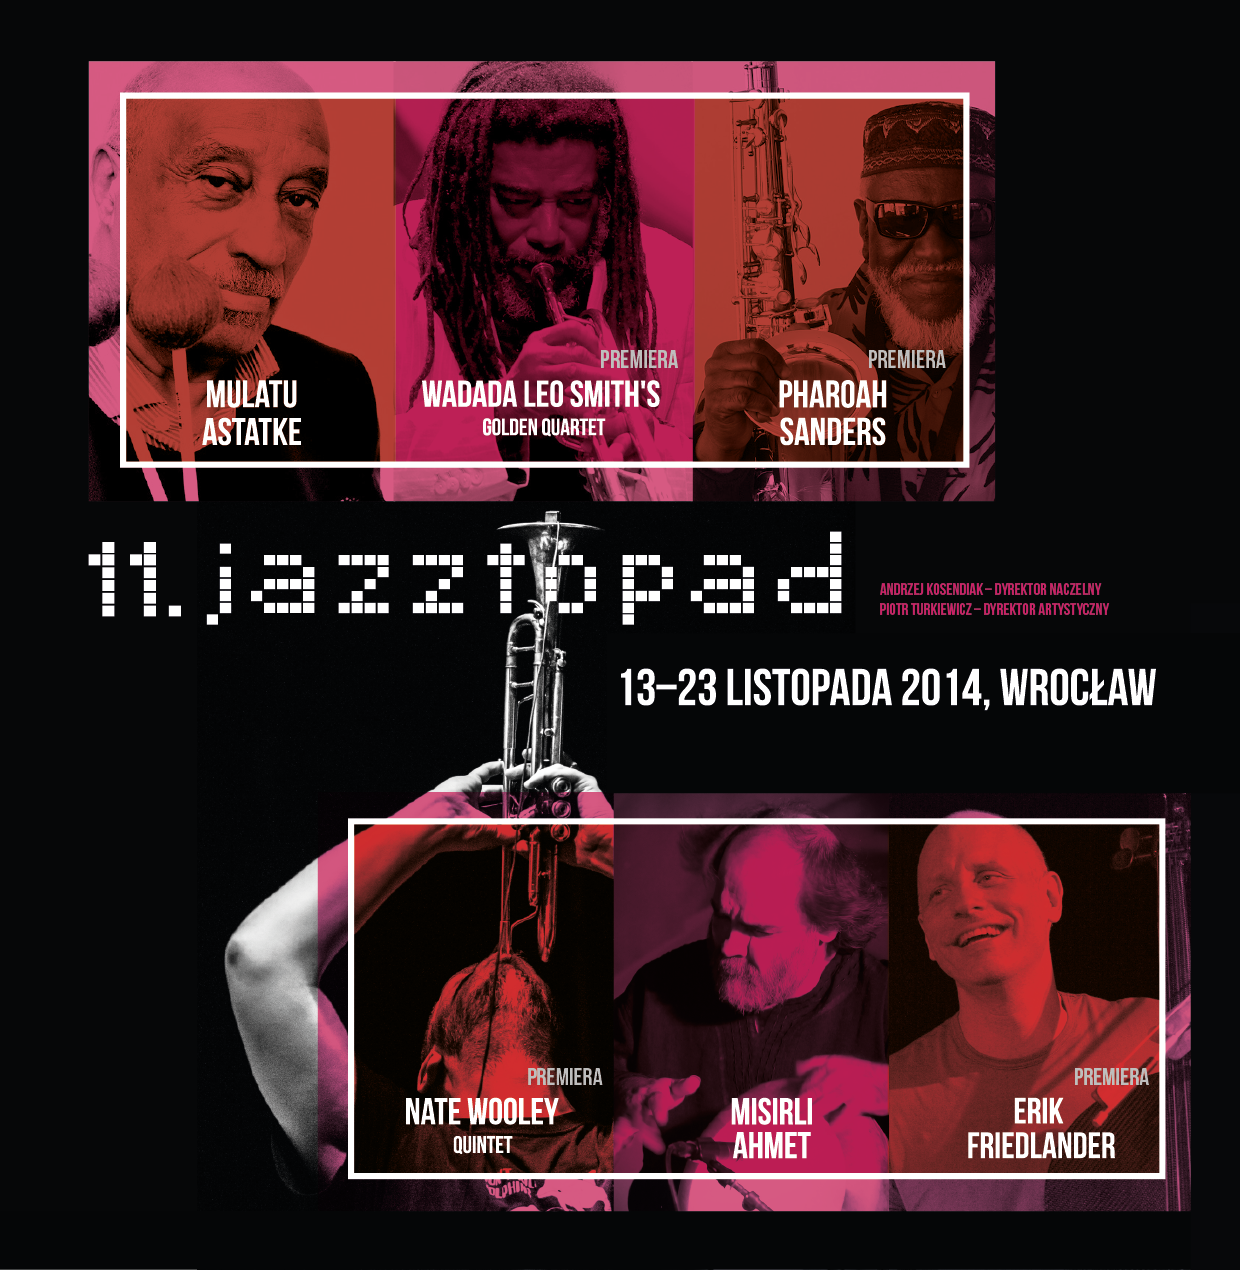 Jazztopad, grafika (źródło: materiały prasowe organizatora)